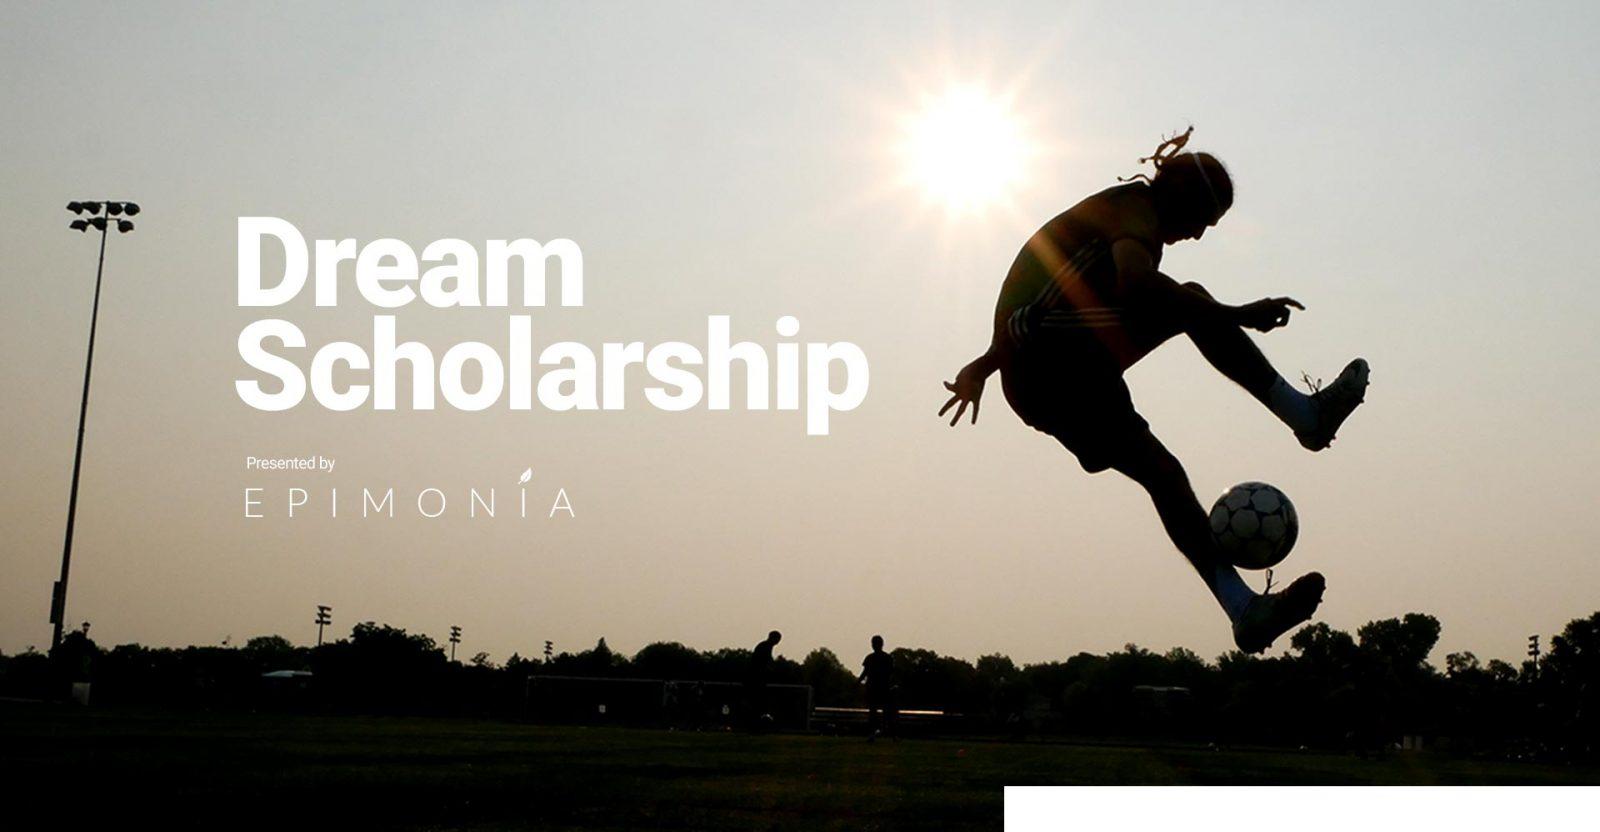 karen-national-team-full-image-header-desktop-epimonia-dream-scholarship